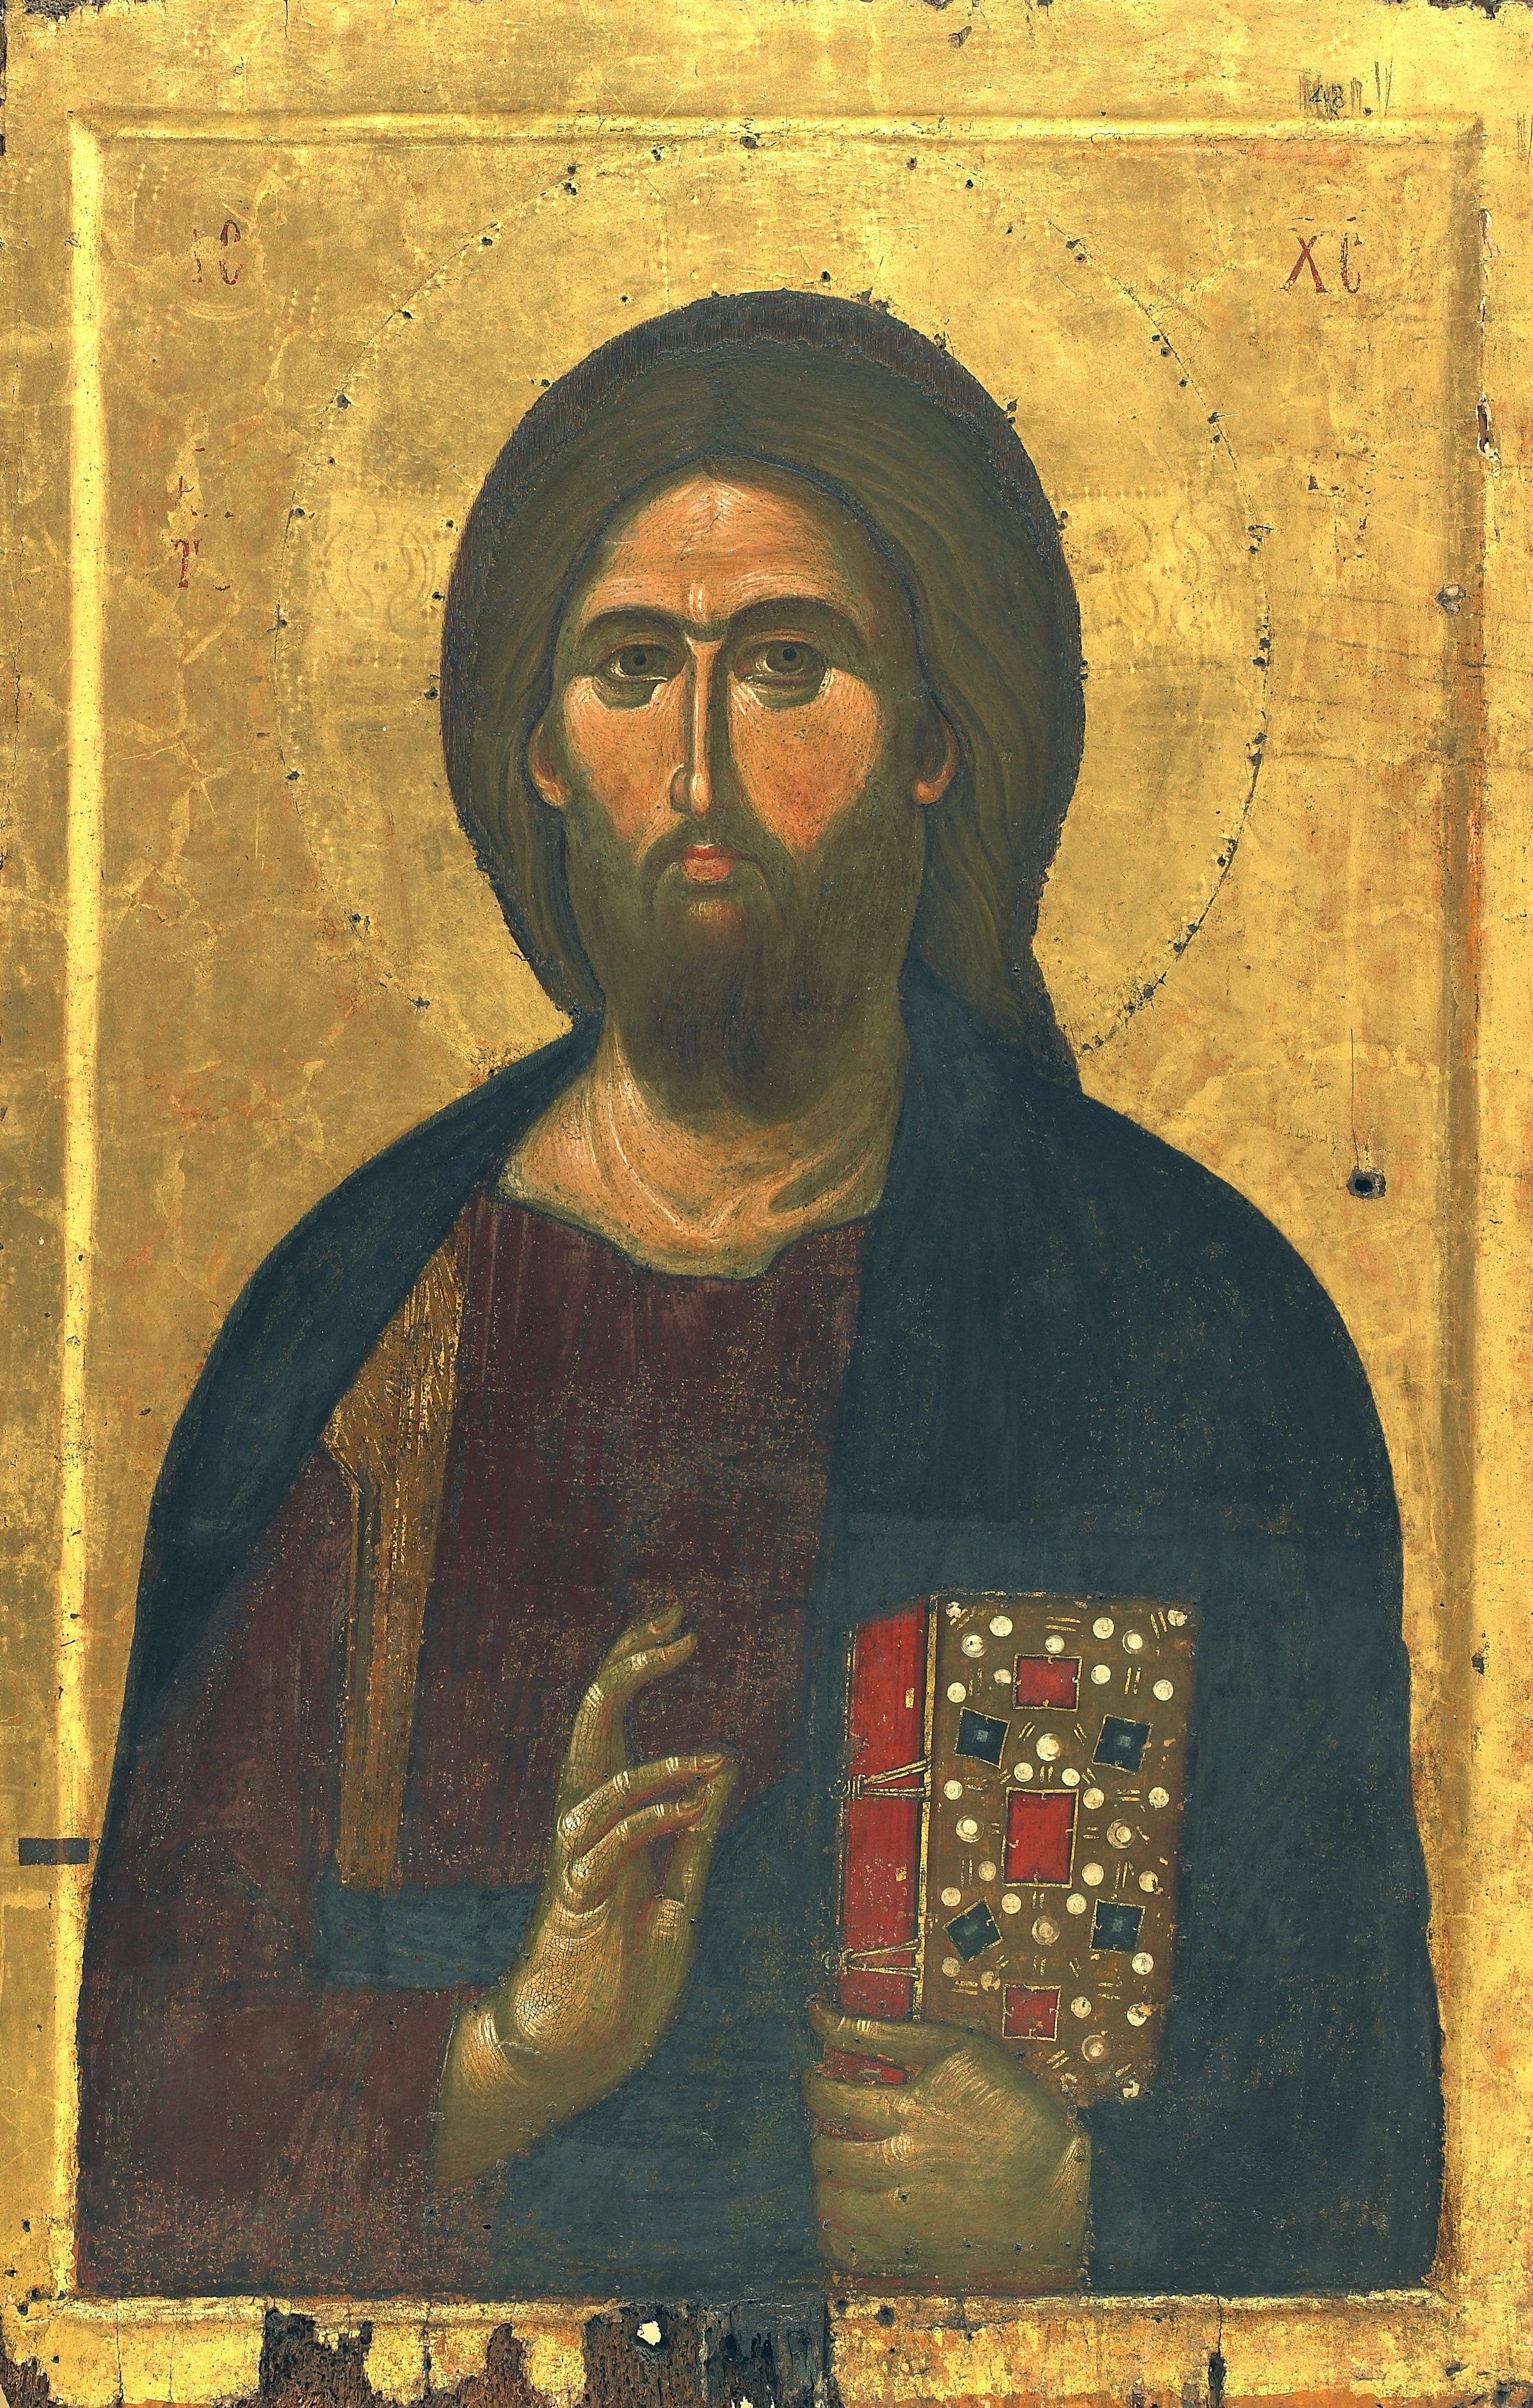 Христос Пантократор. Византийская икона в монастыре Ватопед на Святой Горе Афон.